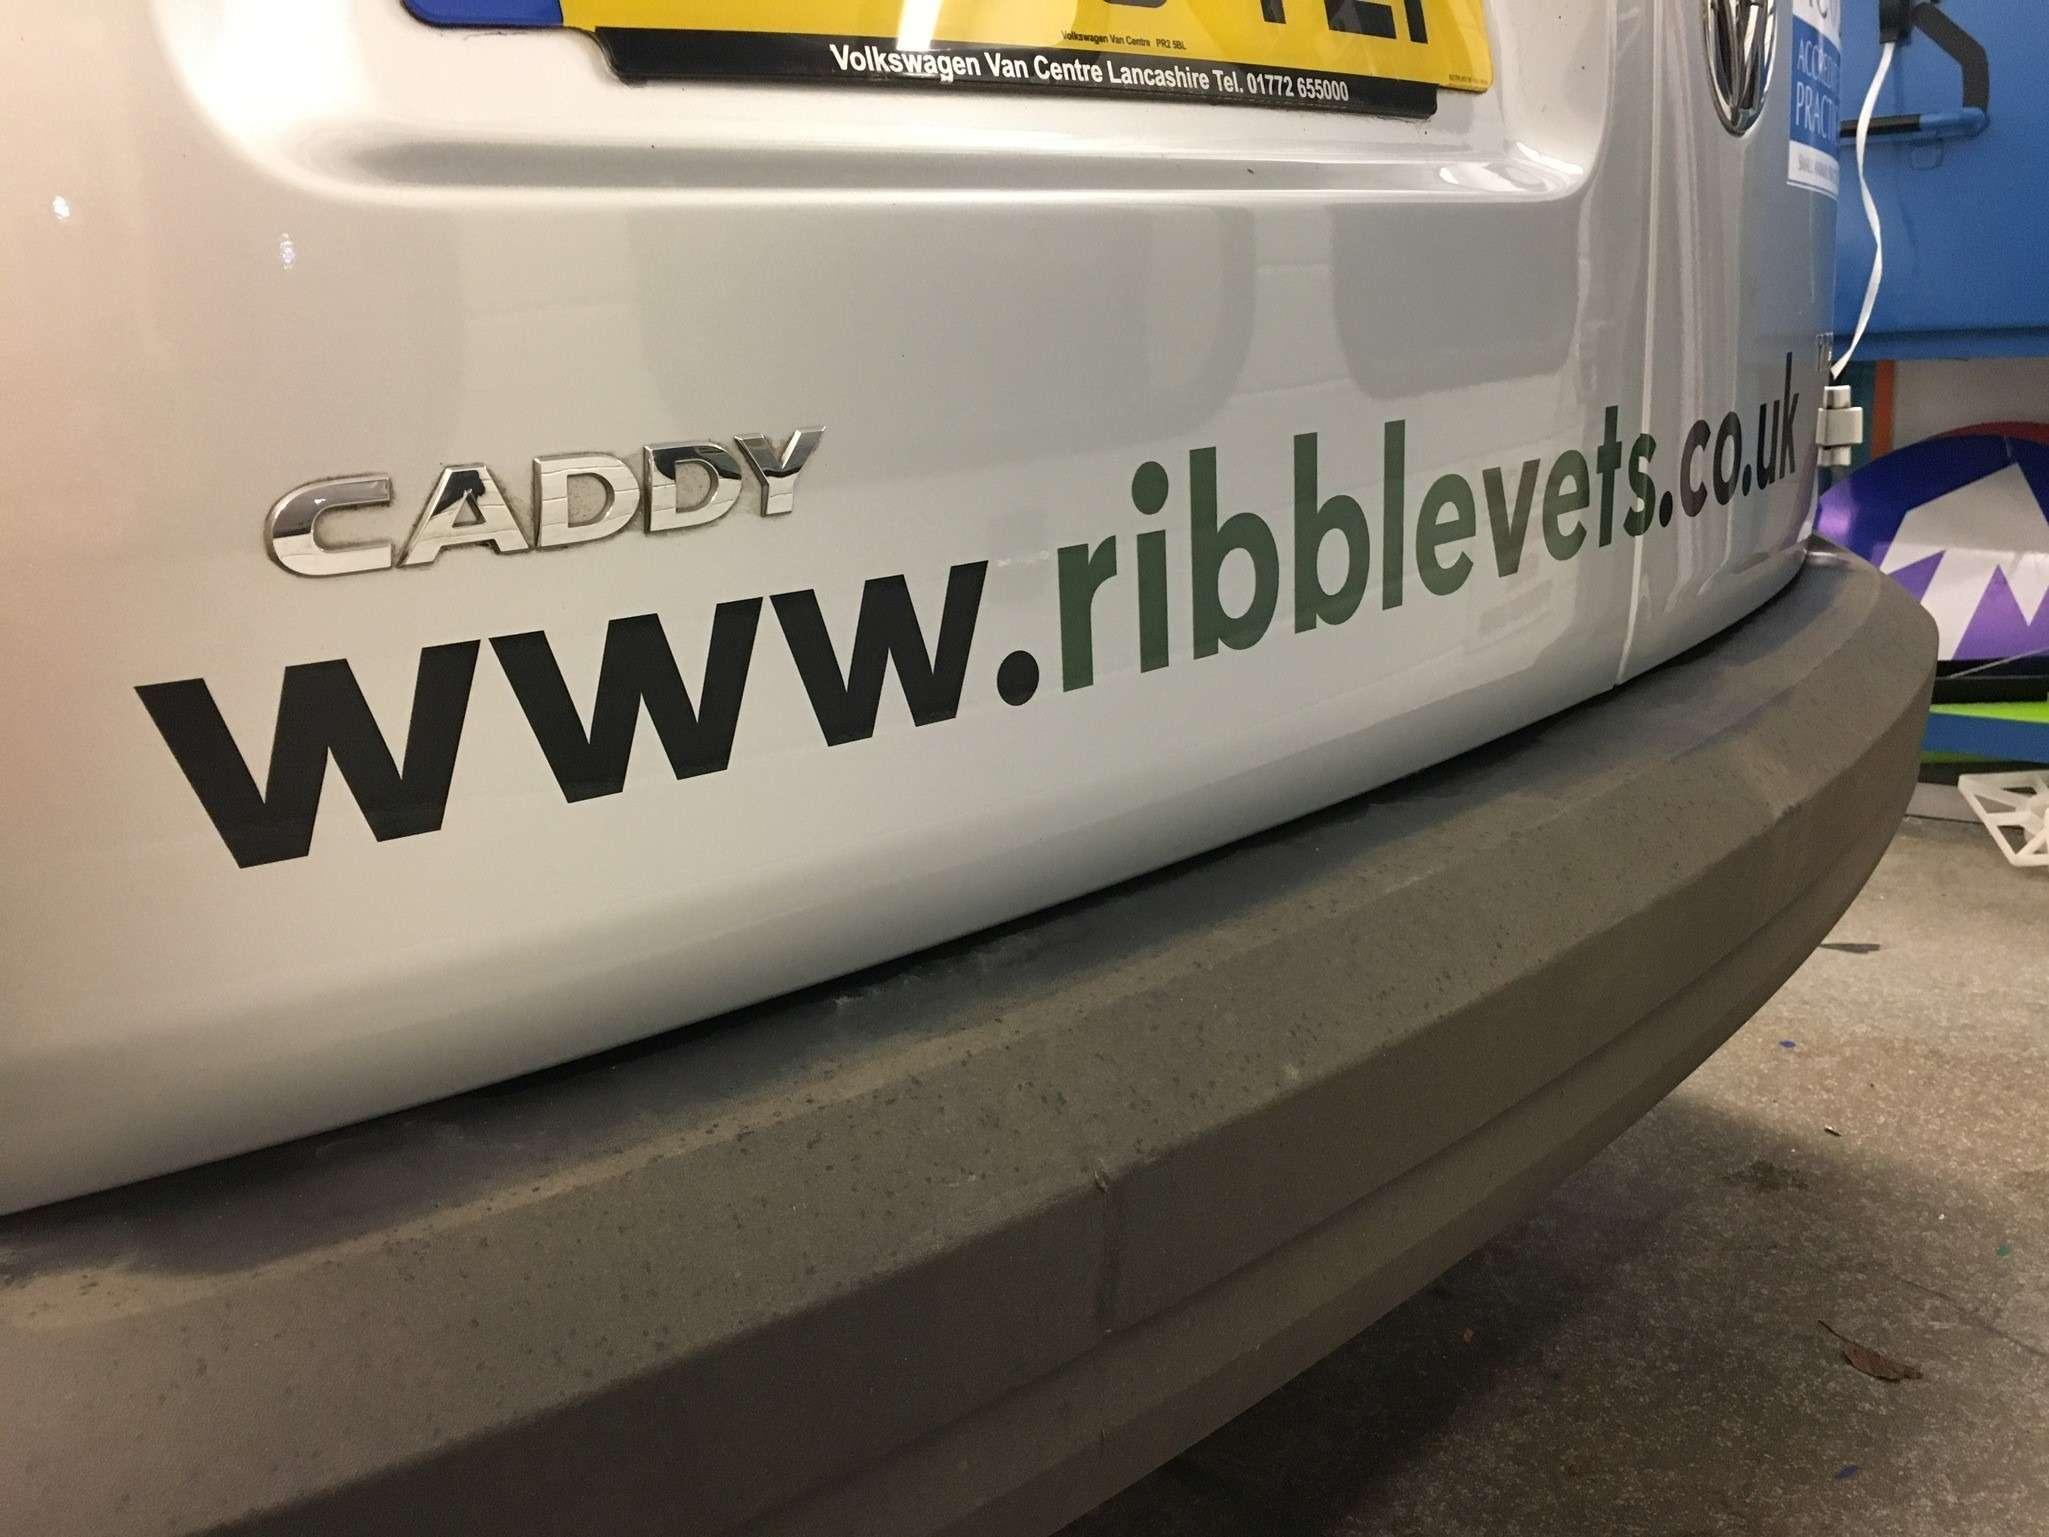 caddy van graphics